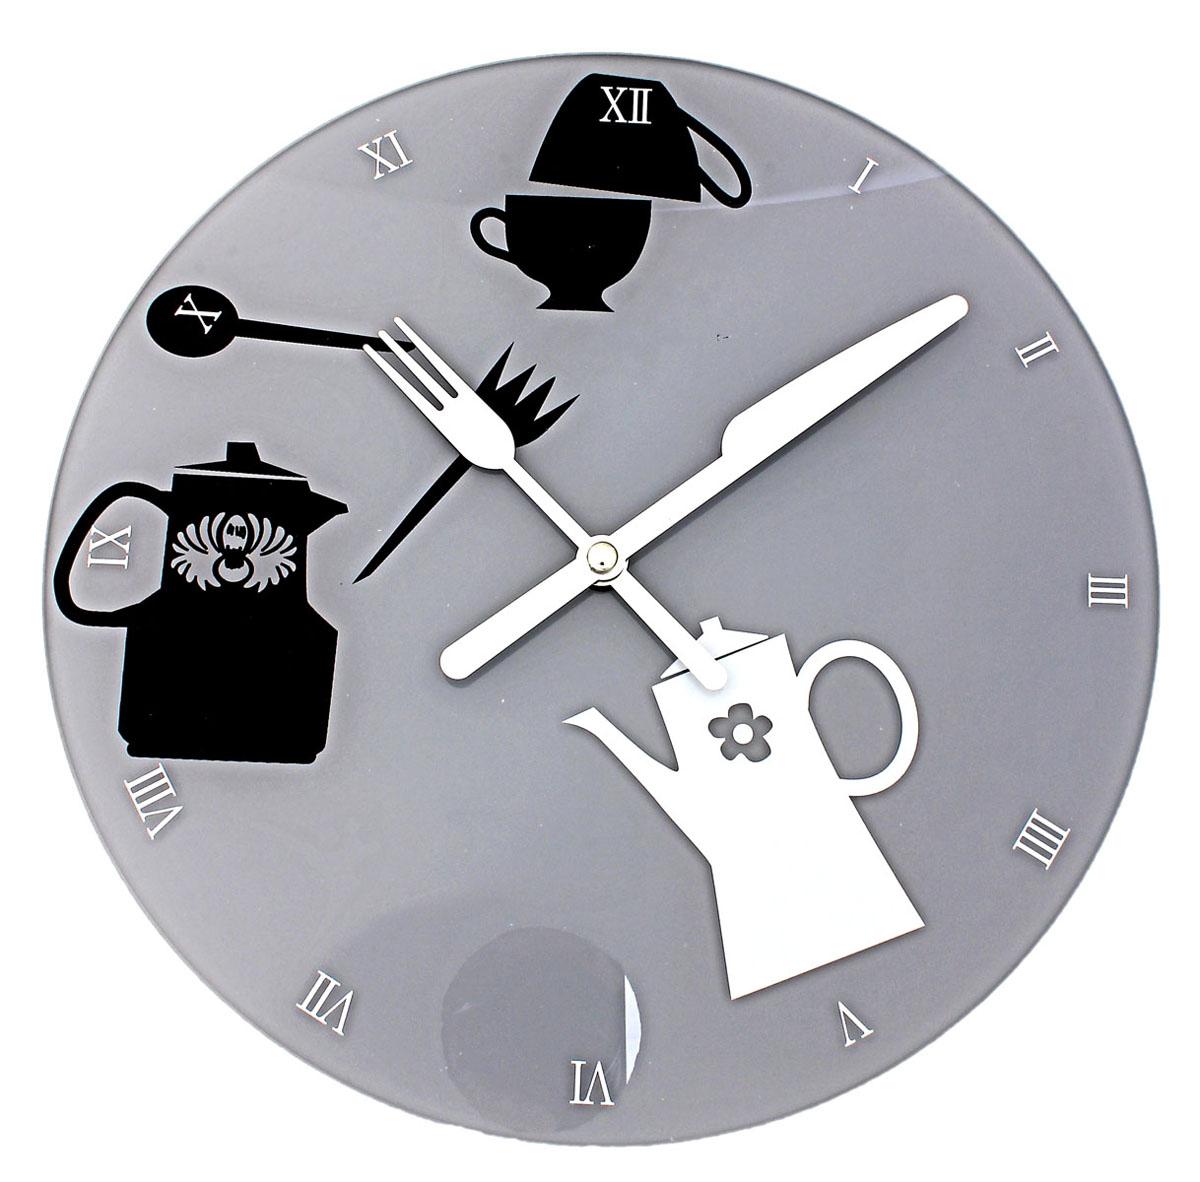 Часы настенные Sima-land, кварцевые. 670814670814Настенные кварцевые часы Sima-land - это прекрасный предмет декора, а также универсальный подарок практически по любому поводу. Корпус часов выполнен из прочного стекла. Циферблат оснащен двумя стрелками: часовой и минутной, выполненные в виде ножа и вилки. Стрелки не защищены стеклом. Римские цифры нанесены белой краской на серый фон циферблата. Так же с внутренней стороны циферблата нанесен рисунок в виде чайников и чашек. На задней стенке часов расположена пластиковое отверстие для подвешивания и блок с часовым механизмом. Часы с рамками прекрасно впишутся в любой интерьер. В зависимости оттого, что вы поместите в рамки, будет меняться и стиль часов. Характеристики: Материал: стекло, пластик, металл. Тип механизма: плавающий, бесшумный. Толщина корпуса часов: 3 см. Диаметр циферблата: 30 см. Размер упаковки: 33 см х 32 см х 4 см. Рекомендуется докупить батарейку типа АА (не входит в комплект).